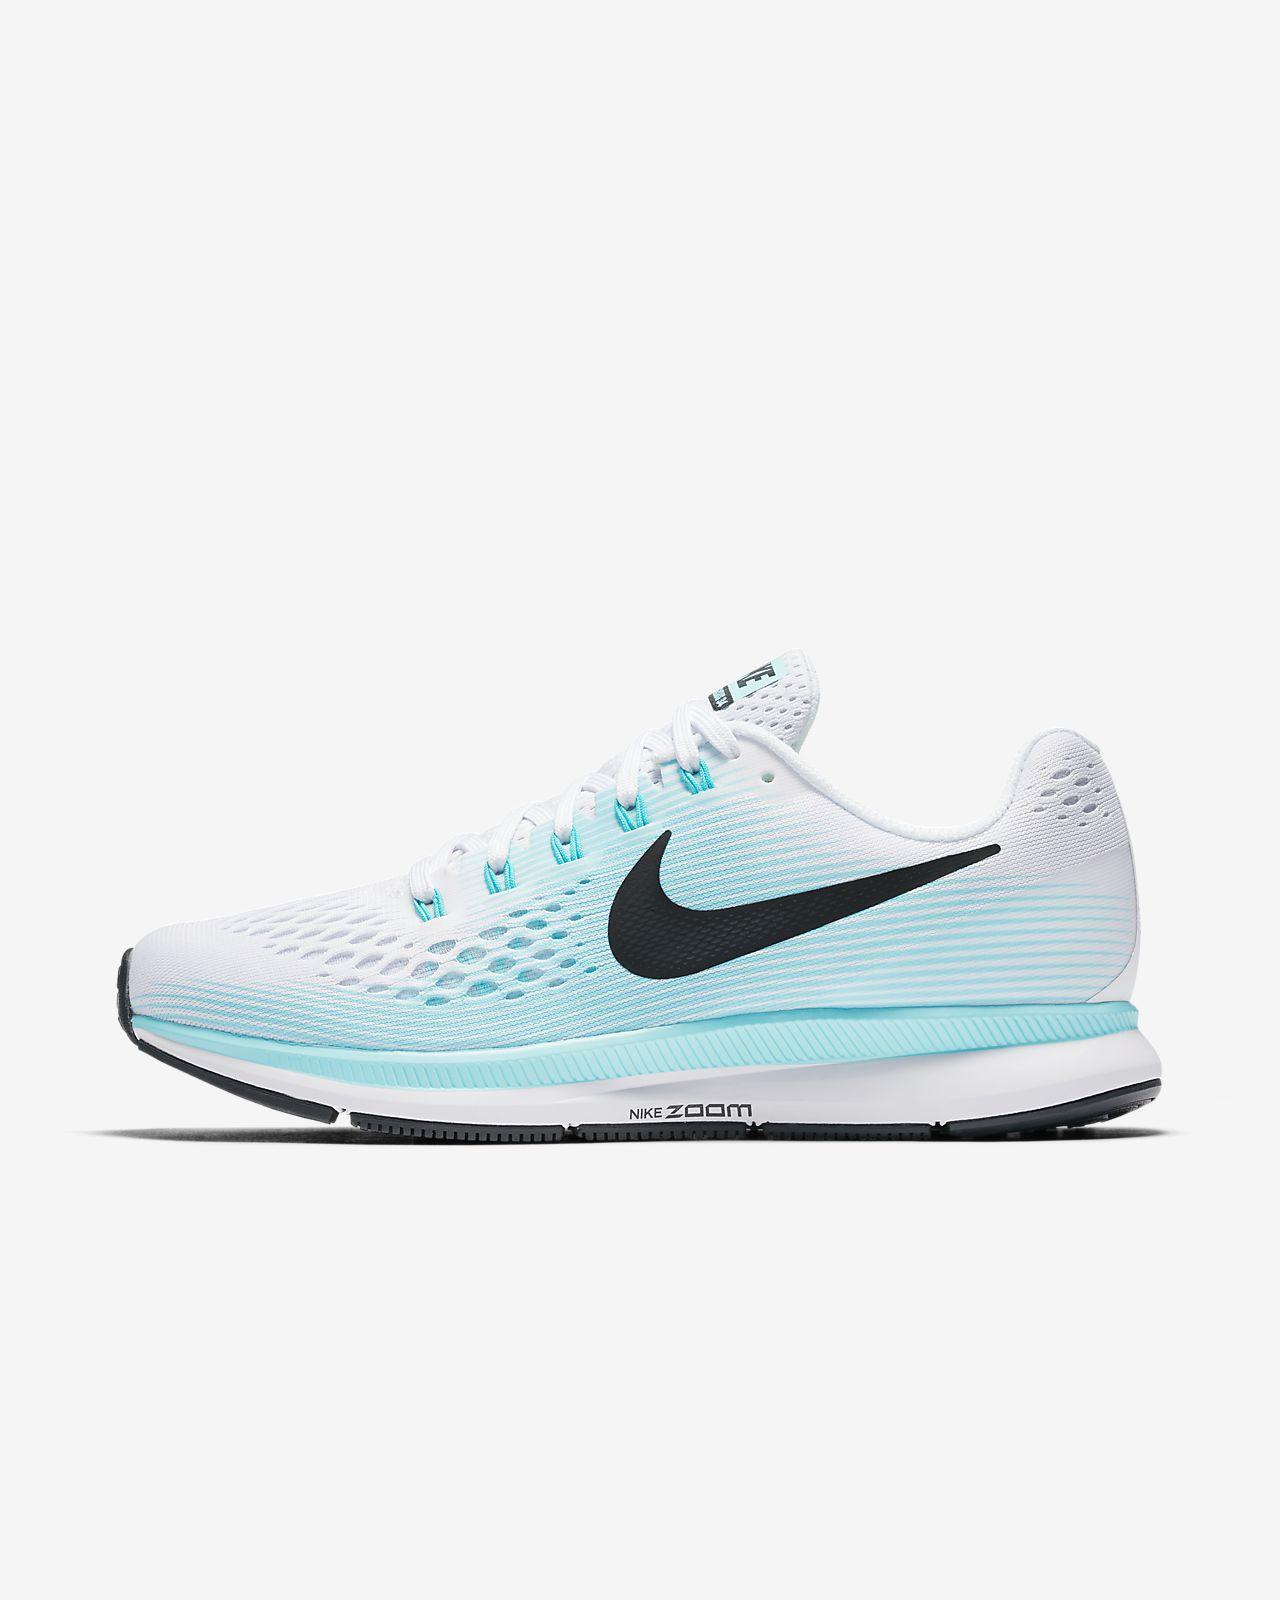 ... Nike Air Zoom Pegasus 34 Hardloopschoen voor dames